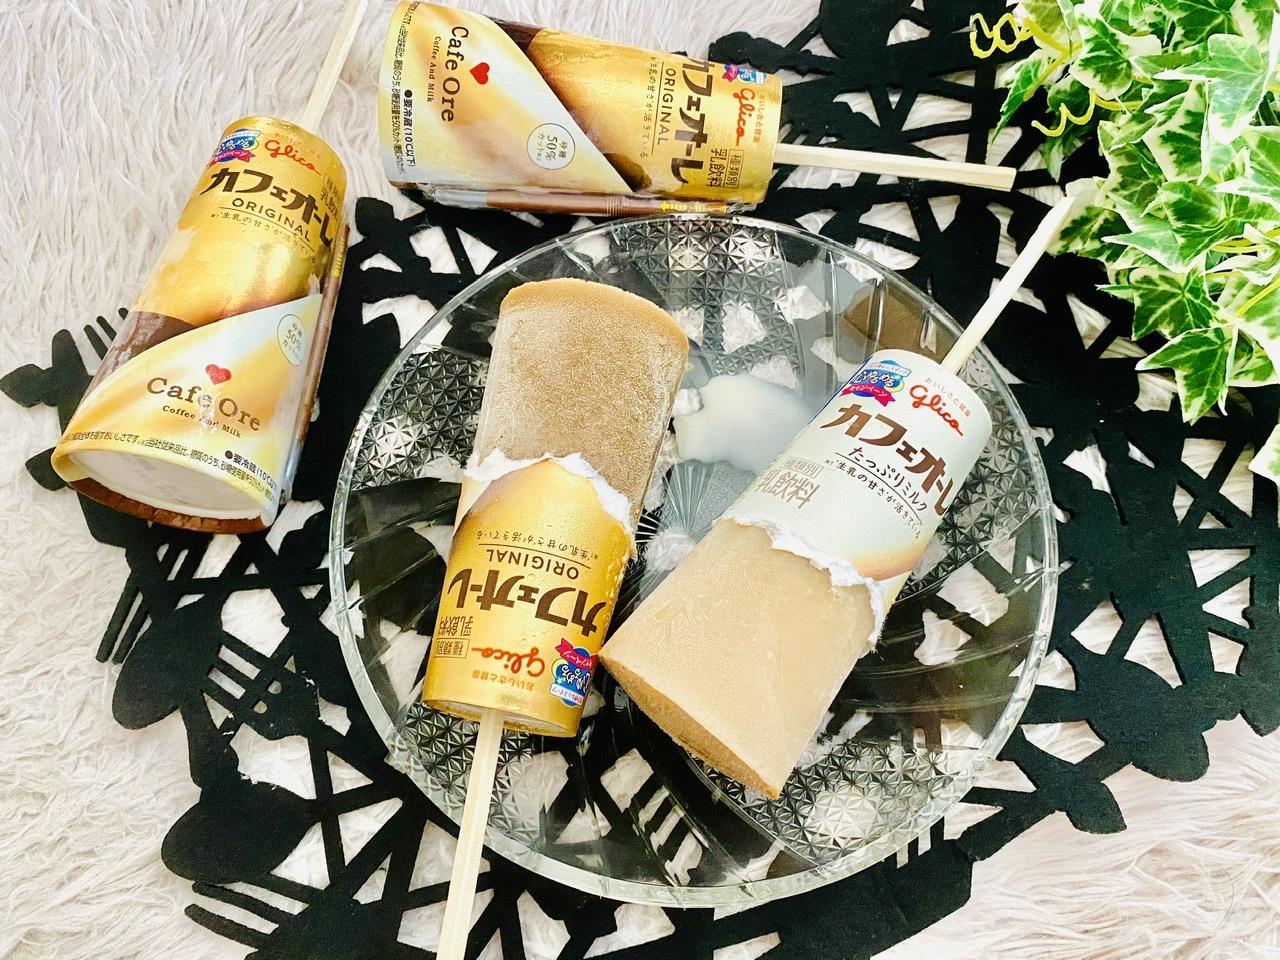 紙パックドリンクでアイス作りに挑戦!超簡単★【カフェオーレアイス】を作ってみた♡_1